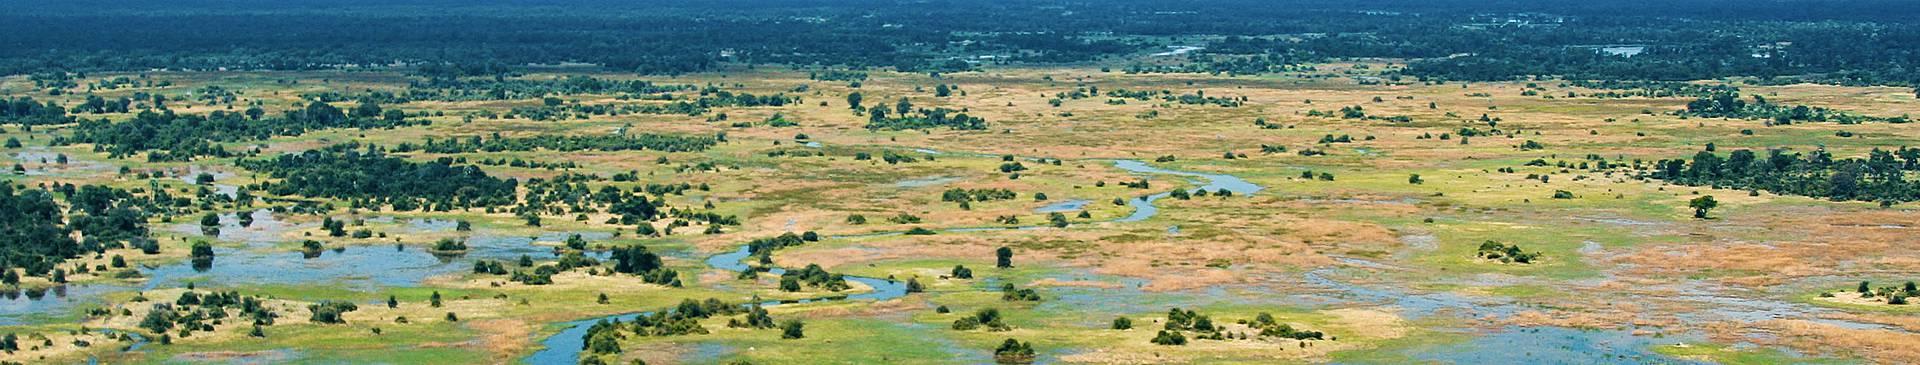 Nature in Botswana